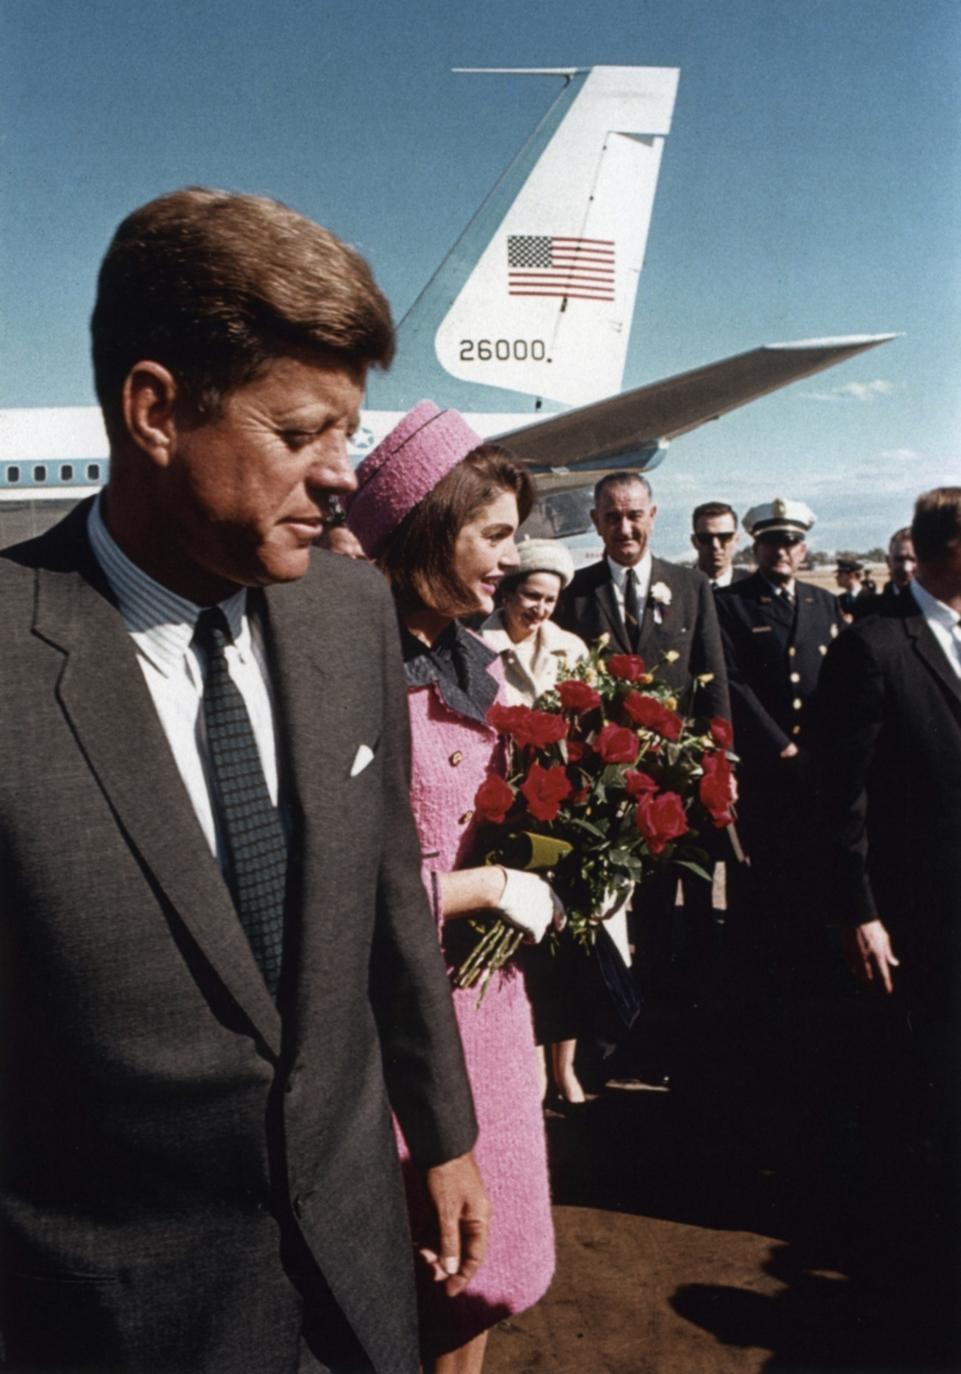 John Fitzgerald Kennedy, ou só JFK, foi o 35º presidente da história dos Estados Unidos. E foi também, sem sombra de dúvidas, o mais elegante. Obama que nos desculpe, mas até ele sabe que é verdade. JFK era a classe em pessoa. Sempre impecável sem ser forçado demais. Ele tinha um ar natural que fazia com que os ternos, gravatas e até os abrigos de final de semana lhe caíssem perfeitamente bem. Um ícone eterno de estilo, que inspira homens há mais de 50 anos. E hoje, quando ele completariao seu 98º aniversário, lembramos de tudo isso para aplaudir e também agradecer.